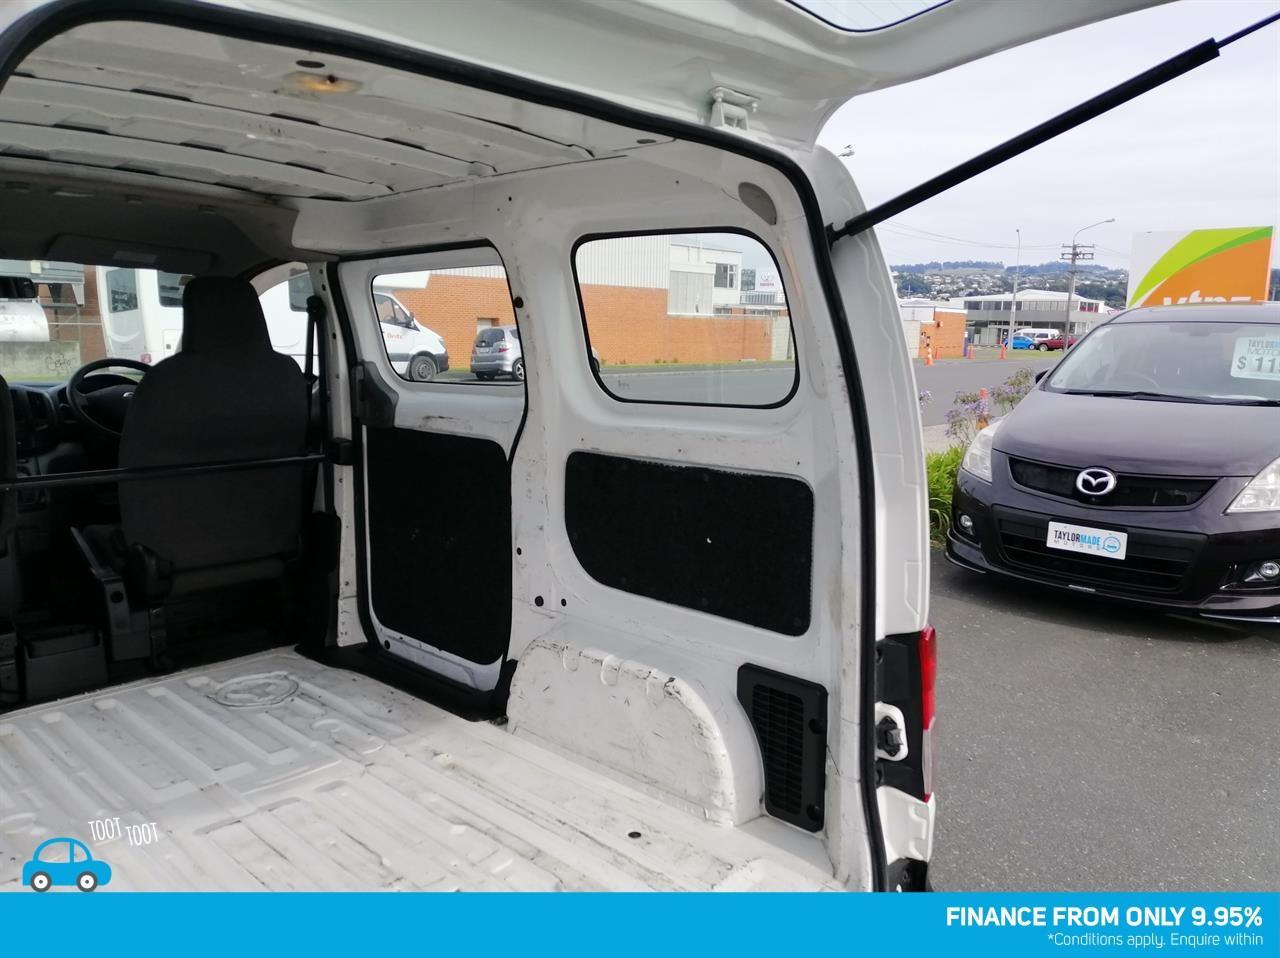 image-10, 2012 Nissan NV200 Vanette at Dunedin